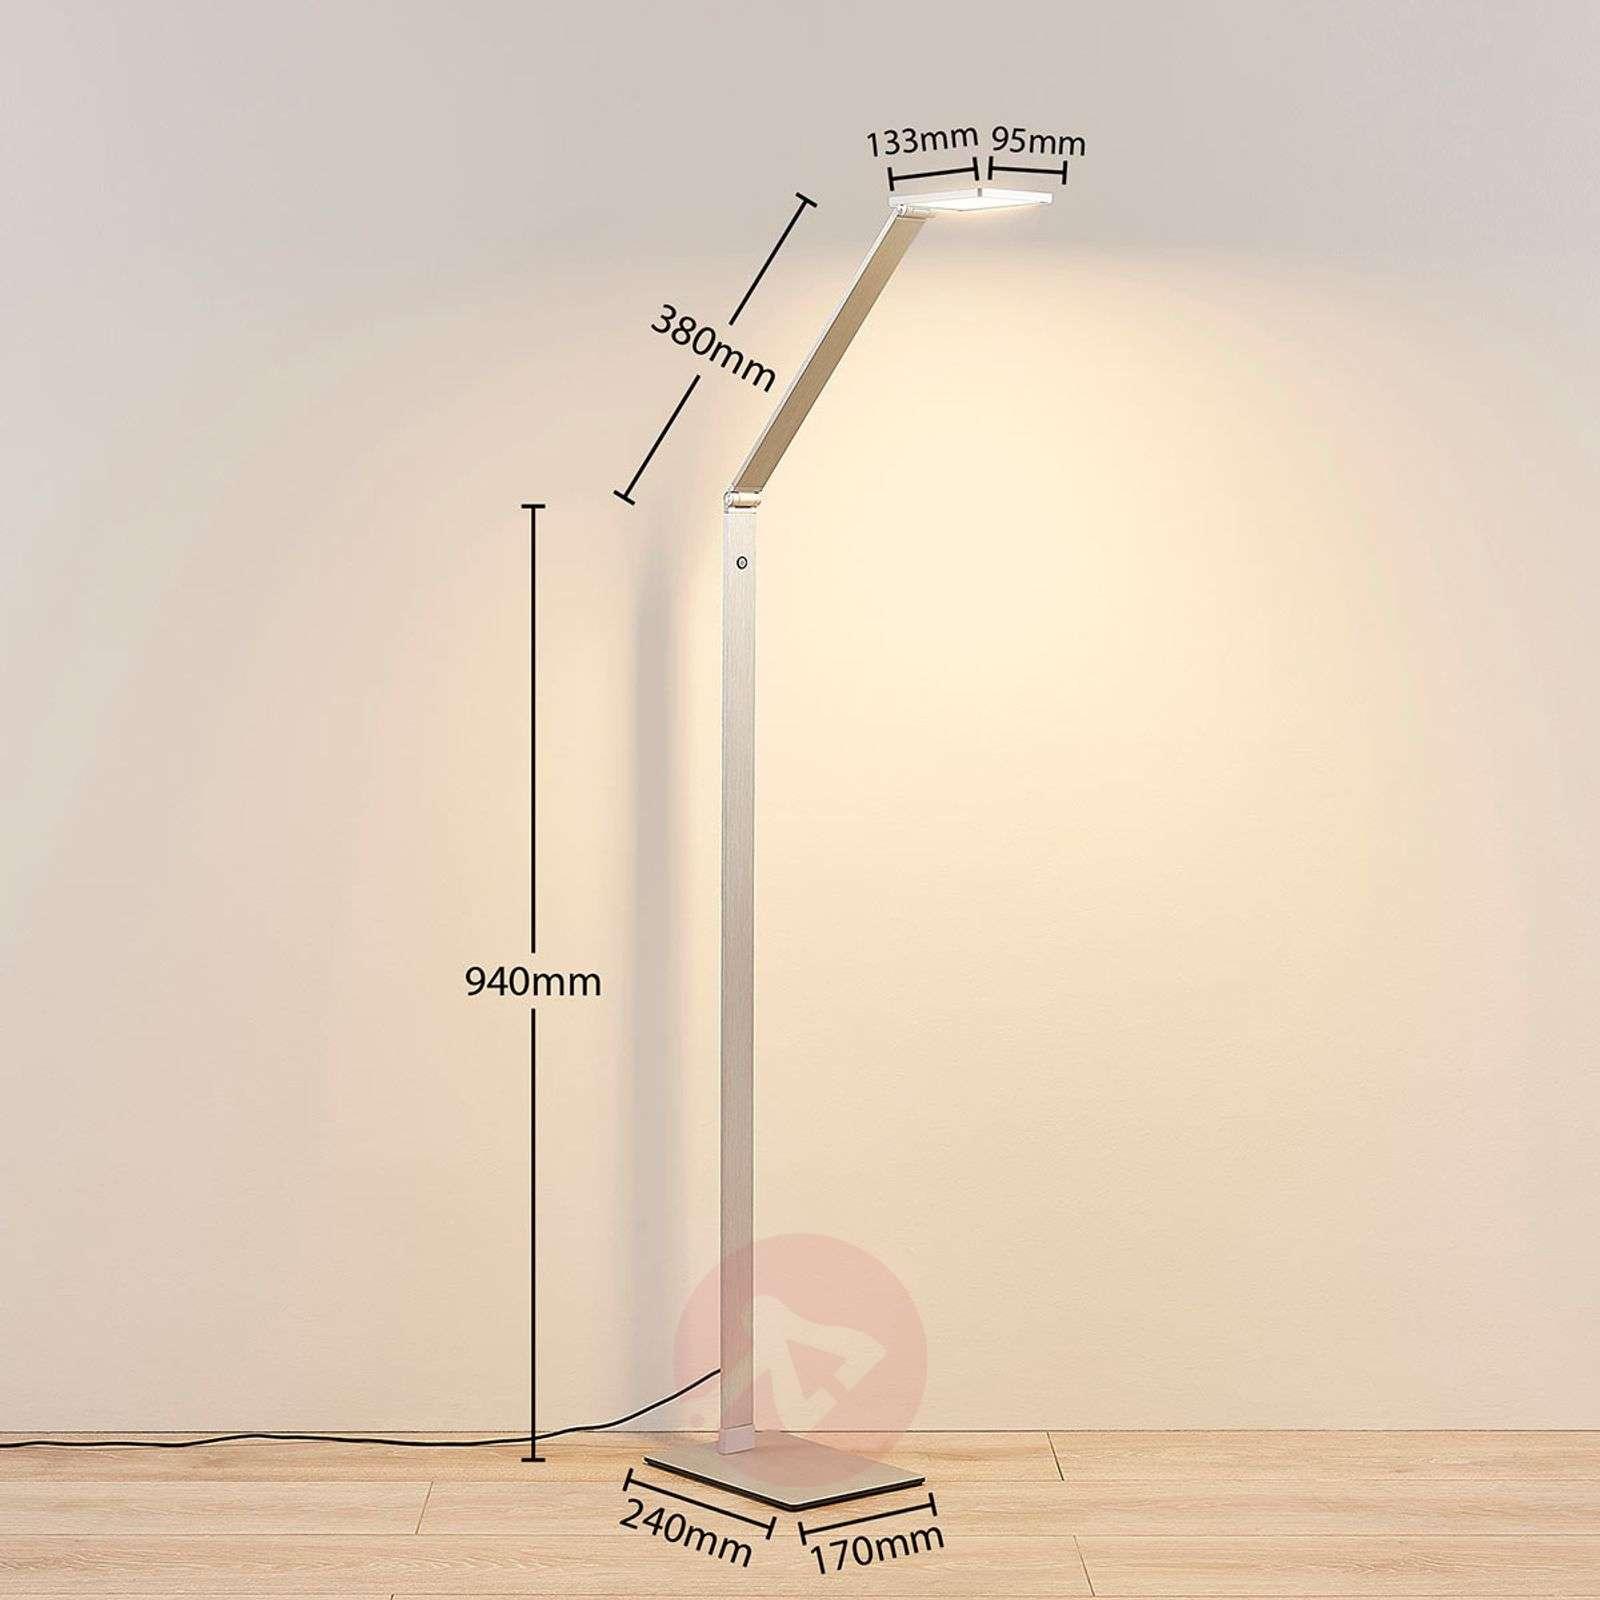 LED-lattiavalaisin Resi, himmennin, hyvä lukuvalo-9621664-04